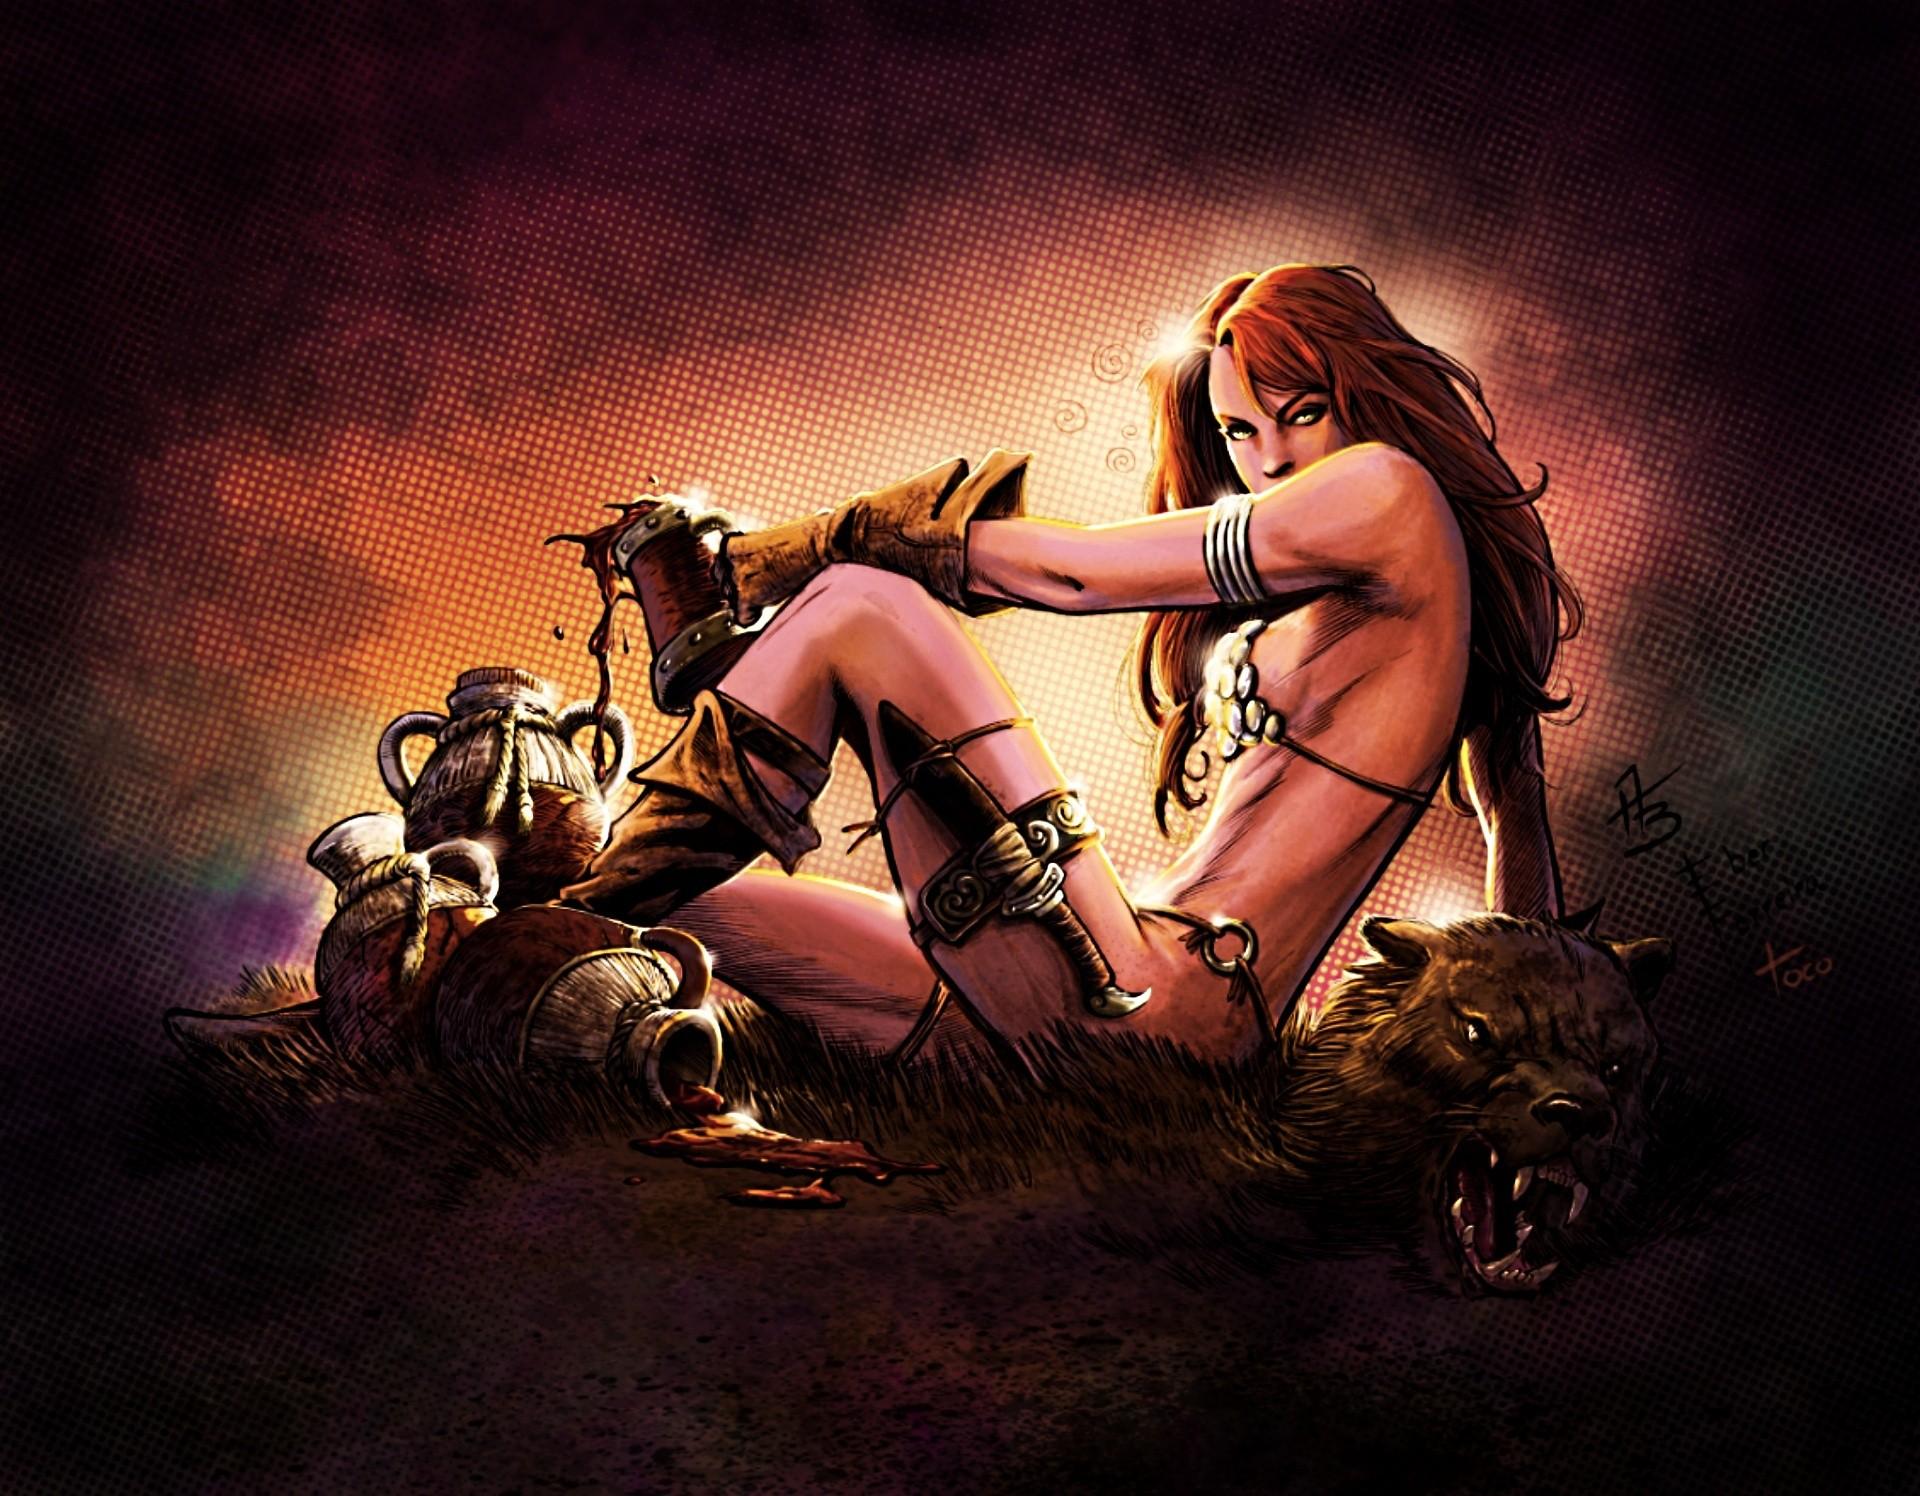 Sexy hot warriors naked photo